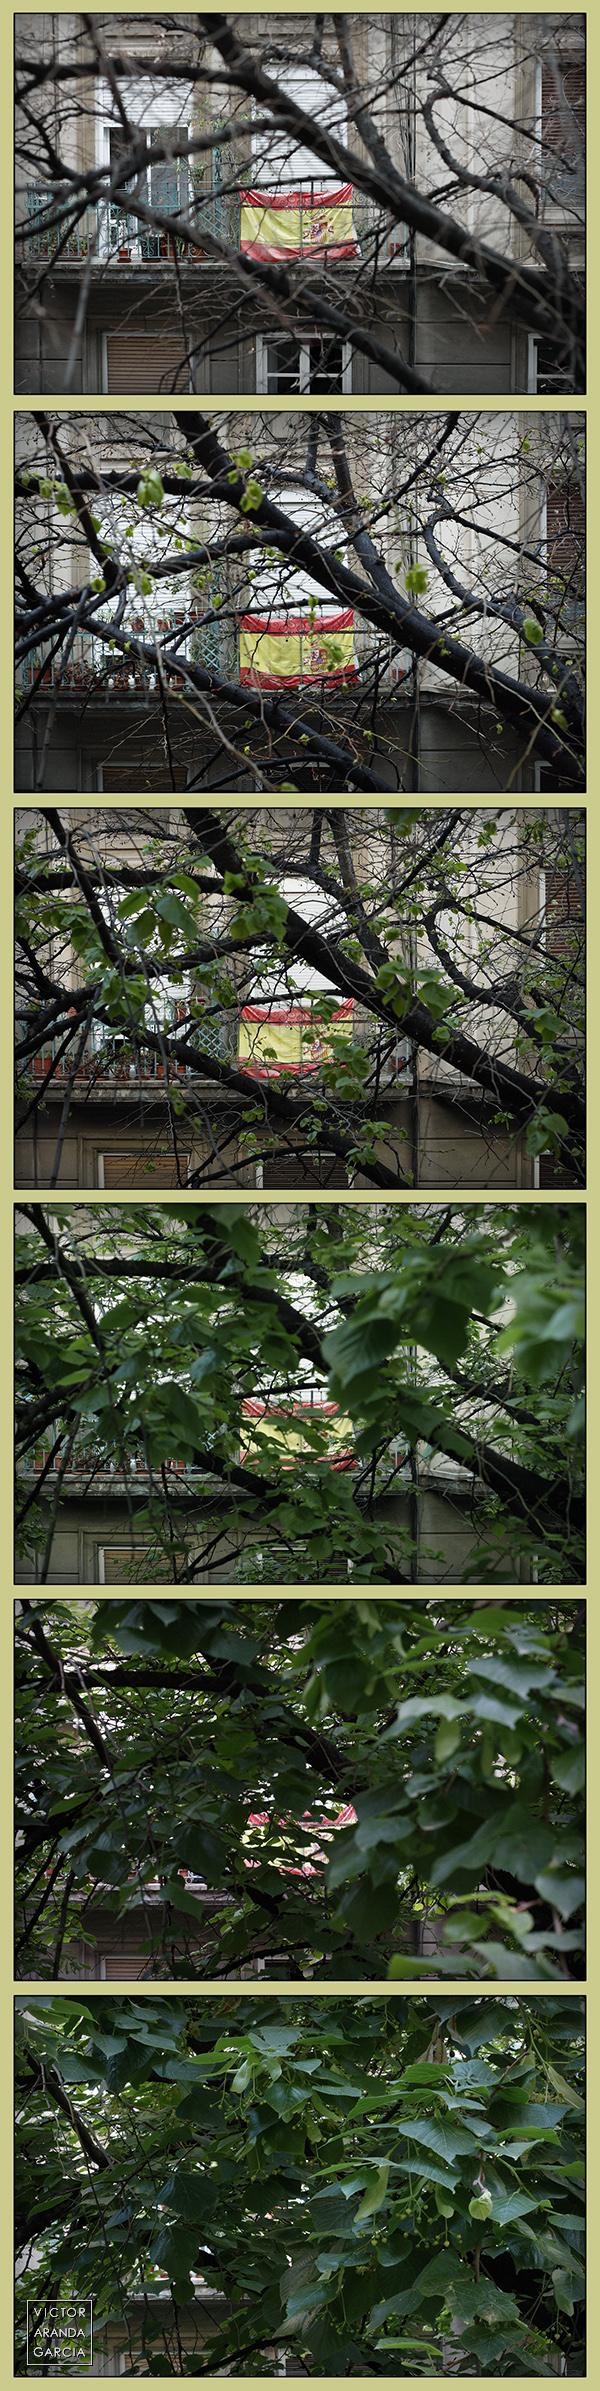 La imagen muestra una secuencia de 6 fotografías tomadas en primavera a una bandera de España colgada de un balcón en Valencia